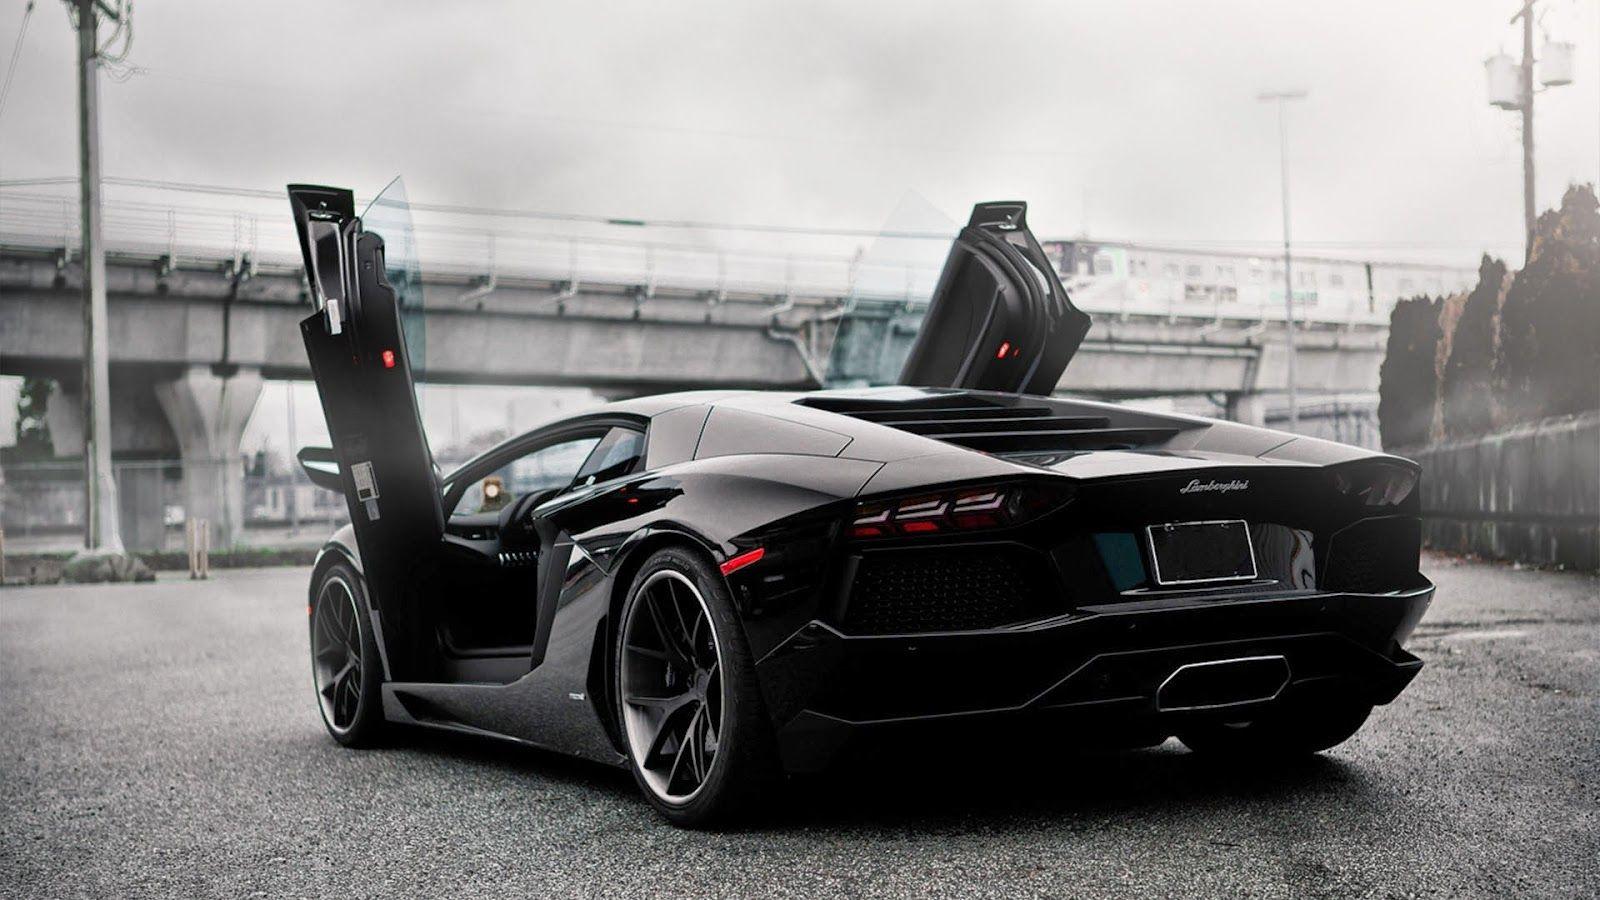 Lamborghini Aventador Wallpaper For Ipad Cars Hd Wallpaper And Desktop Background Sport Car Bmw Ferarri Coole Auto S Sportauto S Droomauto S